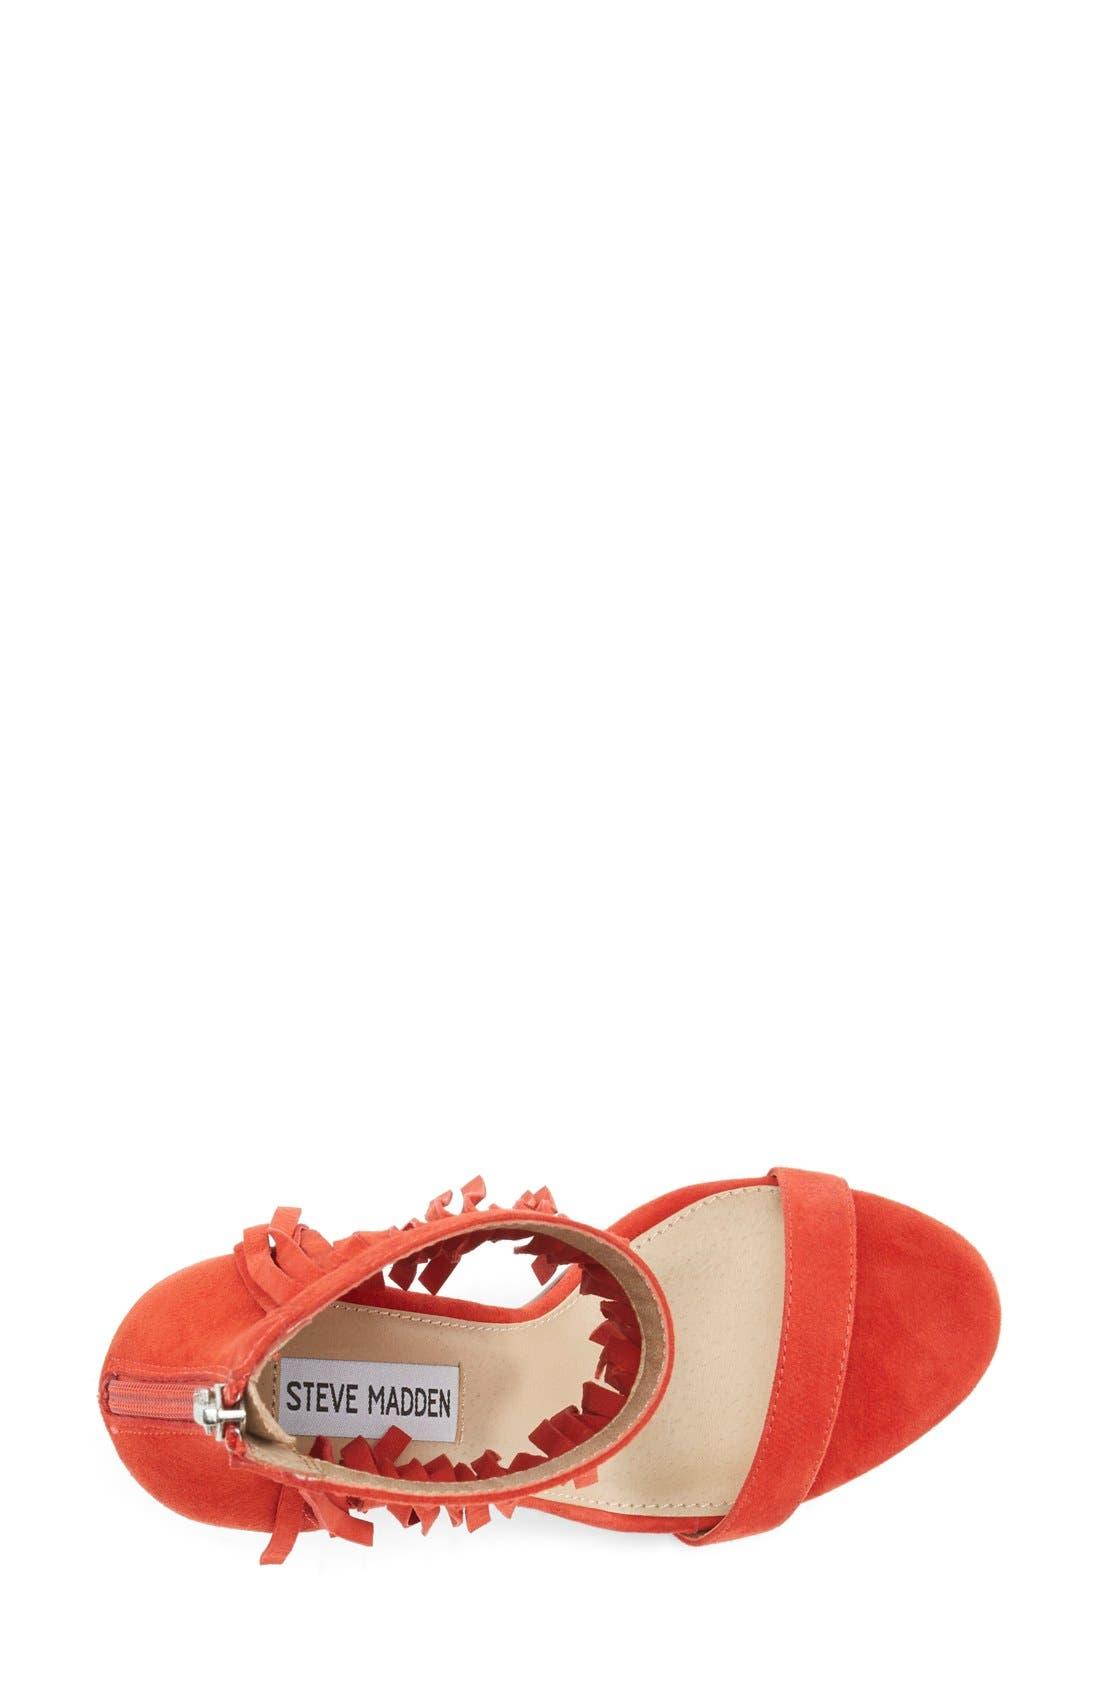 Alternate Image 3  - Steve Madden 'Staarz' Ankle Fringe Sandal (Women)